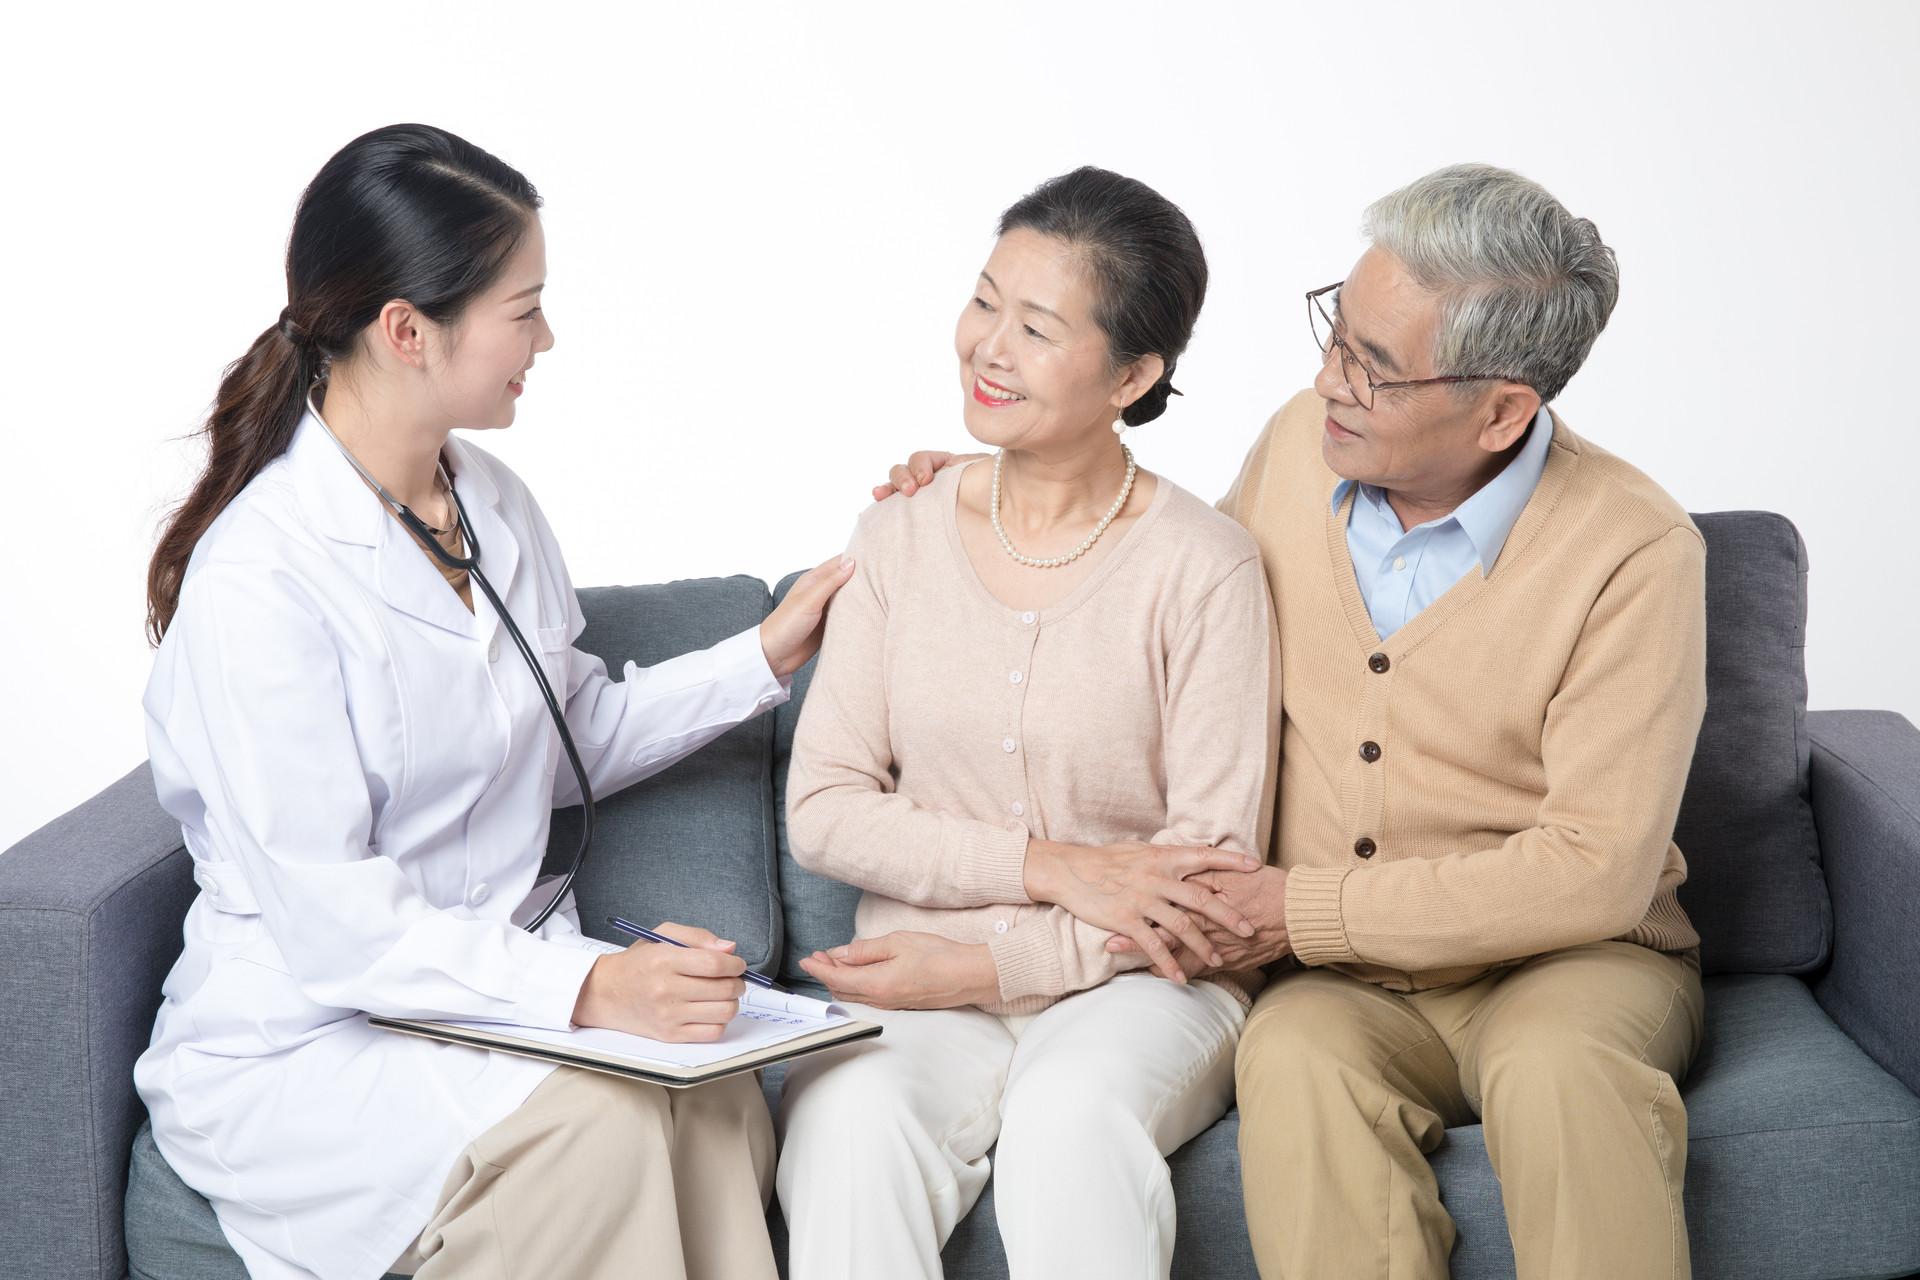 关节炎骨质增生,怎么办?骨质增生患者更应该补钙,是真的吗?